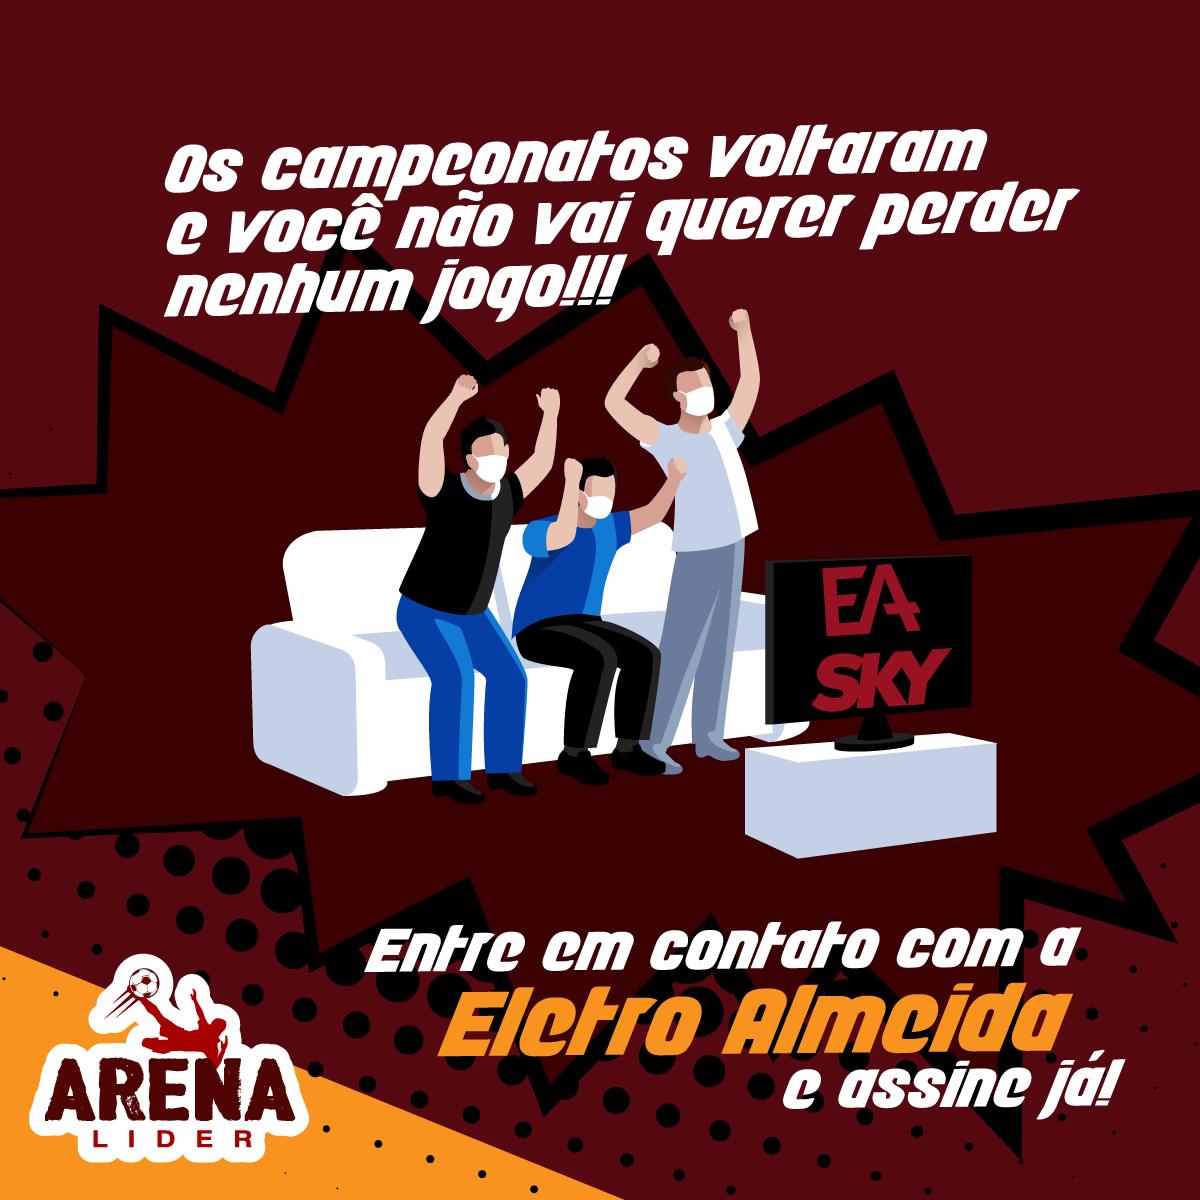 Arena Líder + Sky Eletro Almeida